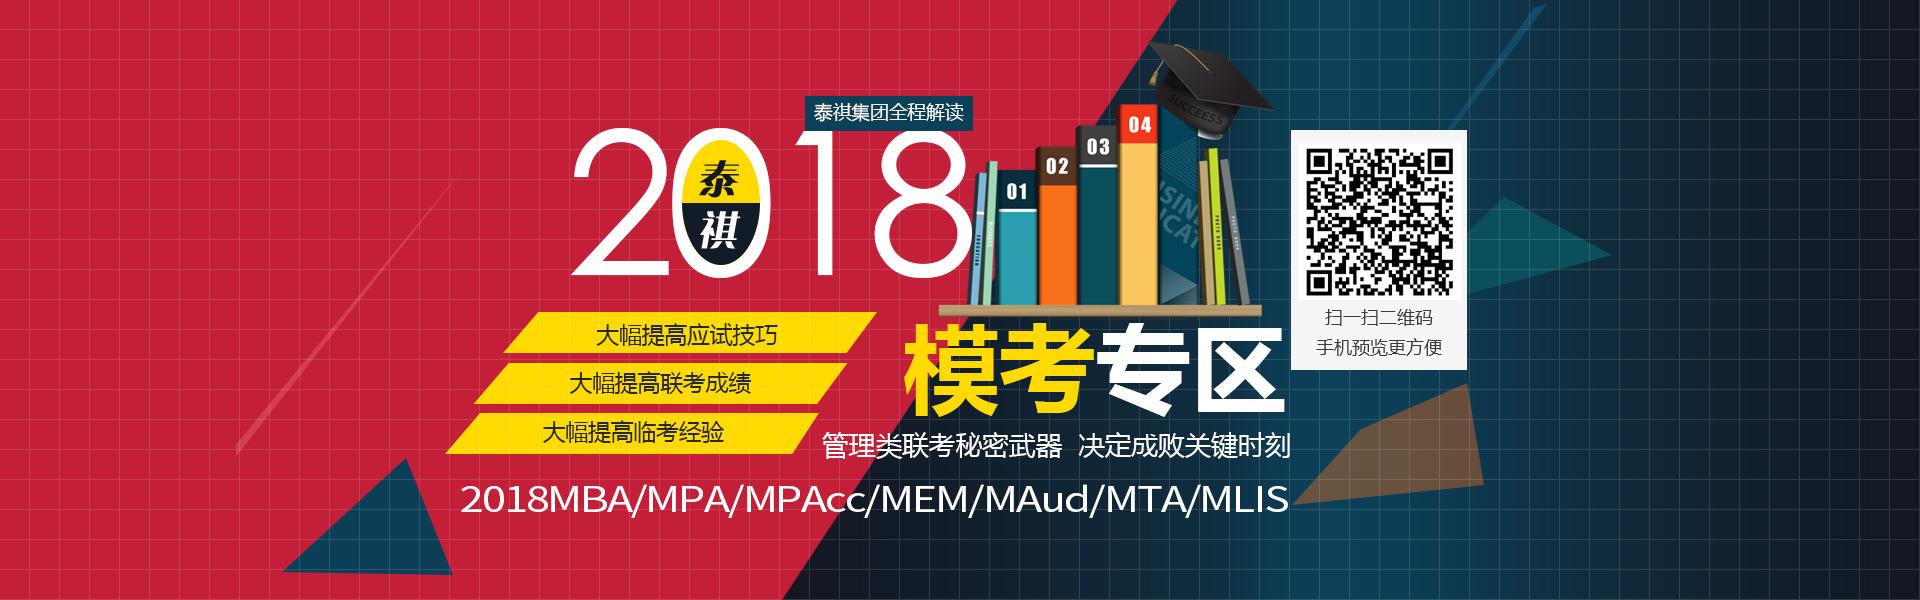 2018模考专区